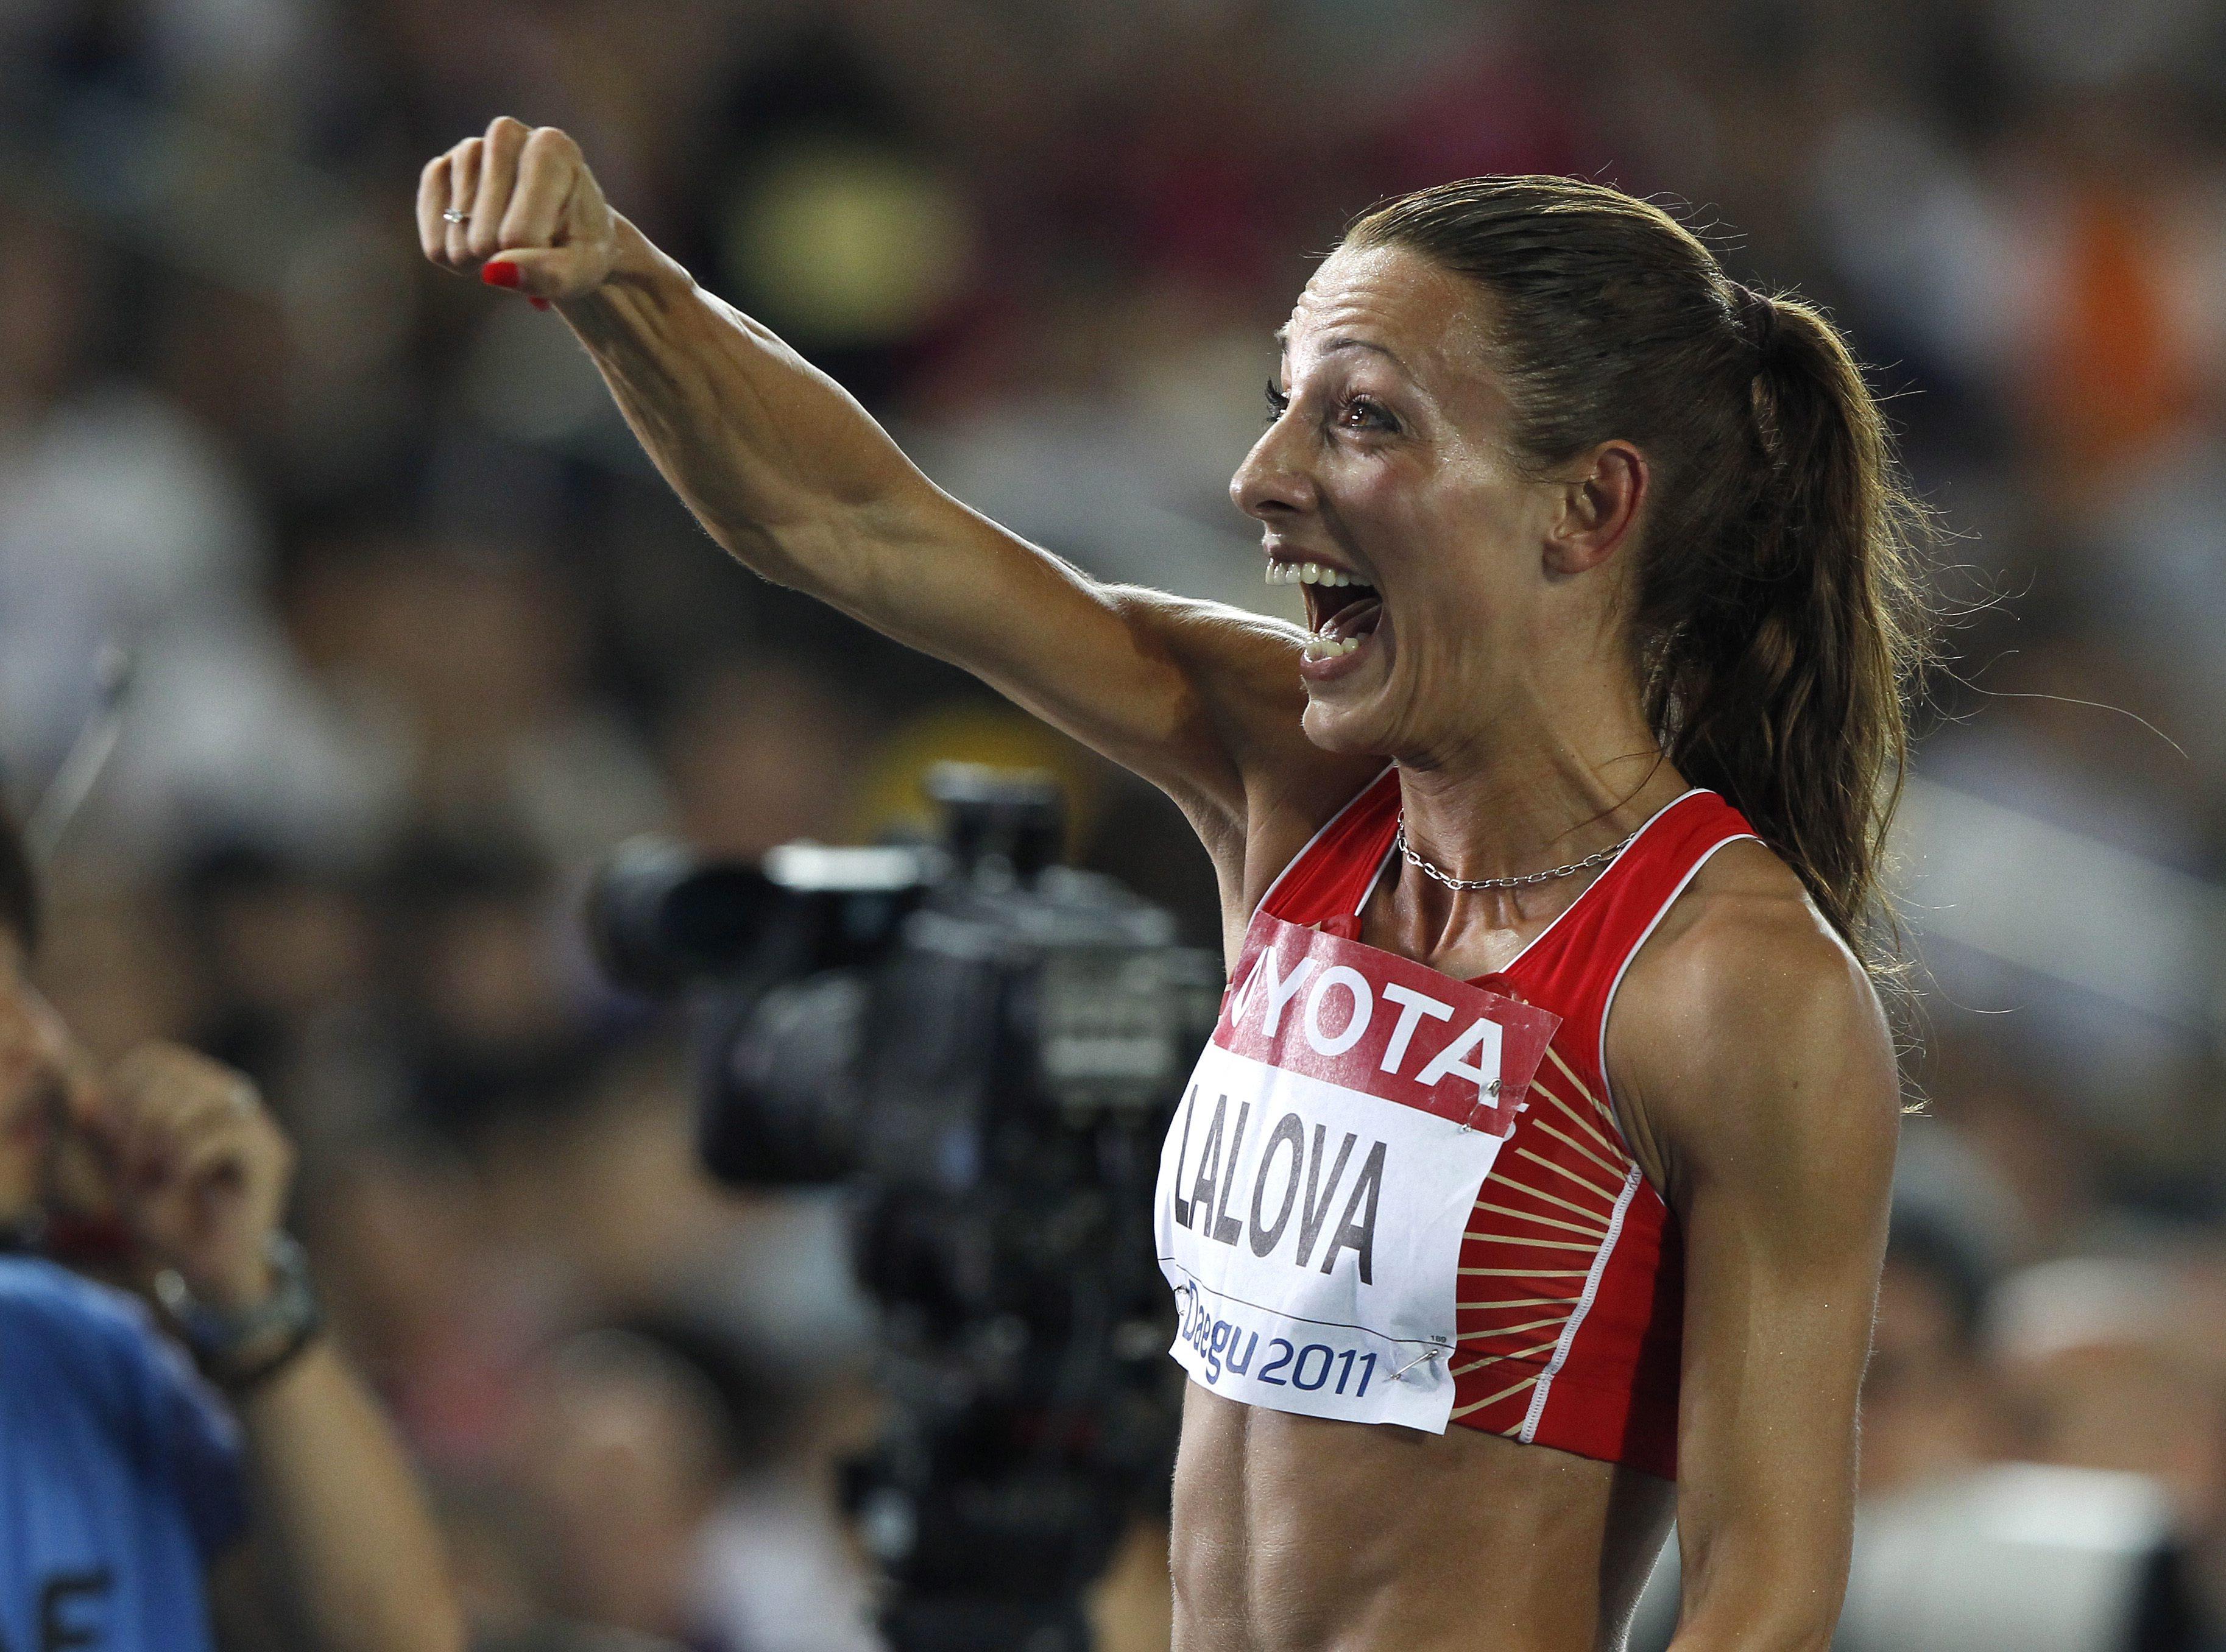 Ивет - в най-тежкия полуфинал на 200 м (видео)